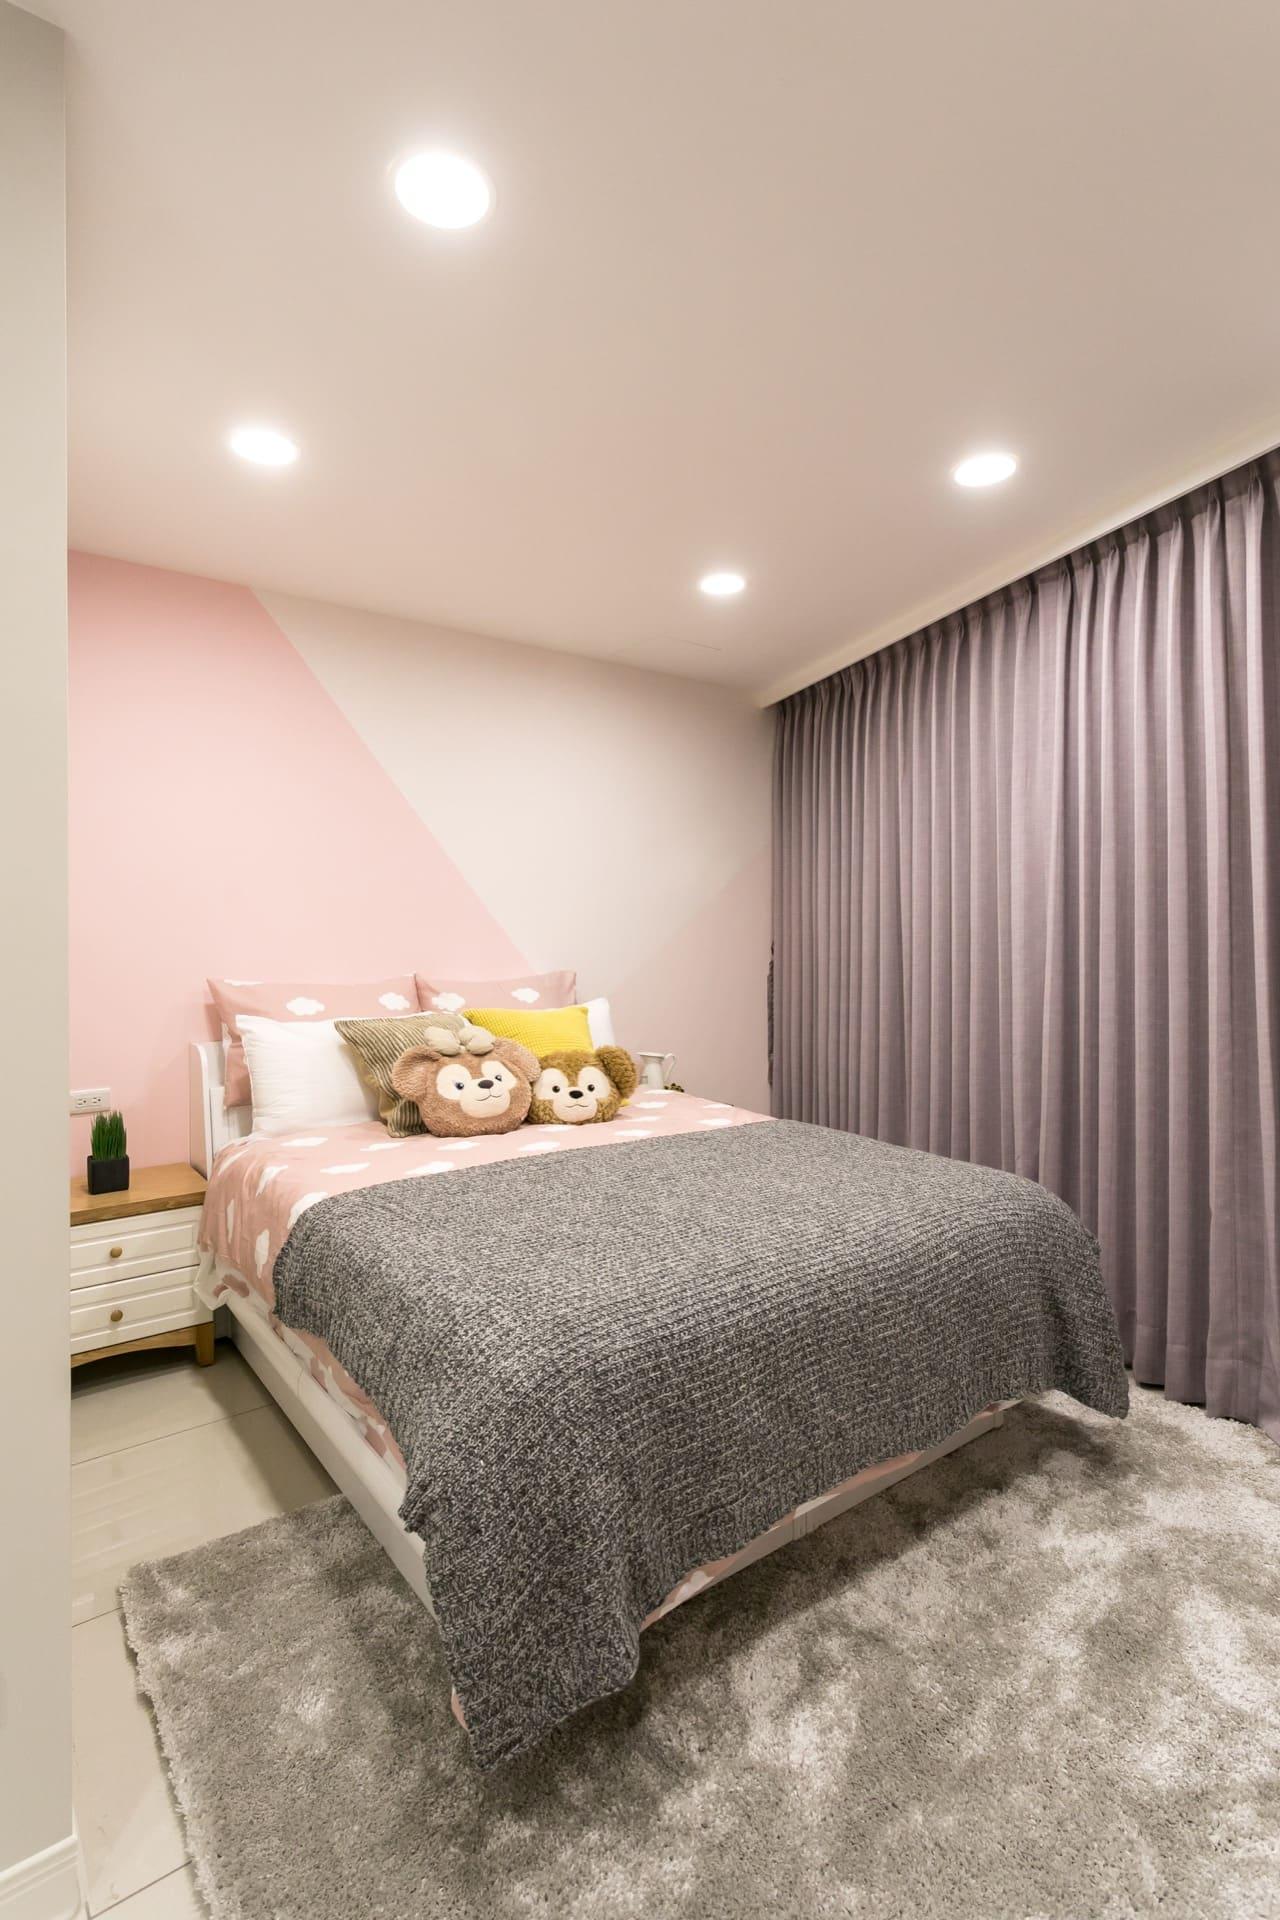 避開眼睛直視的室內光源位置規劃